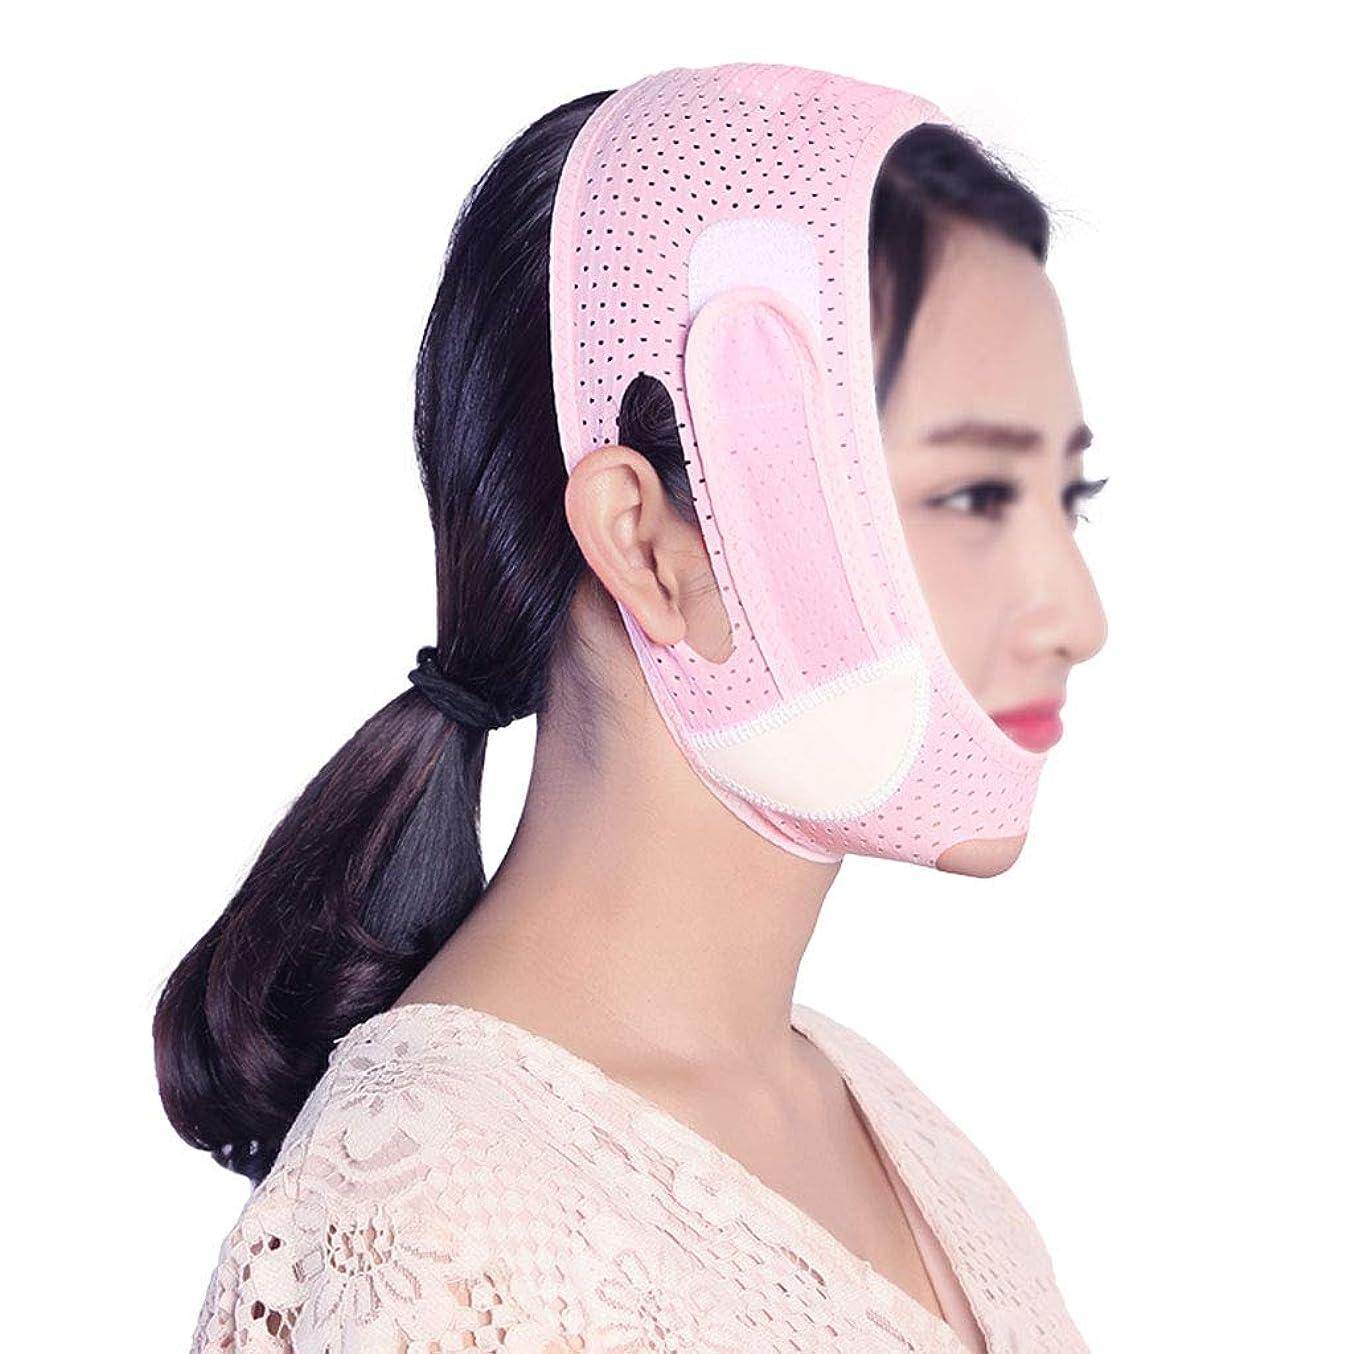 セットする要塞深さTLMY スリムな包帯フェイシャルトリートメント強化フェイシャルチークV型アンチリンクルダブルチンビューティツール 顔用整形マスク